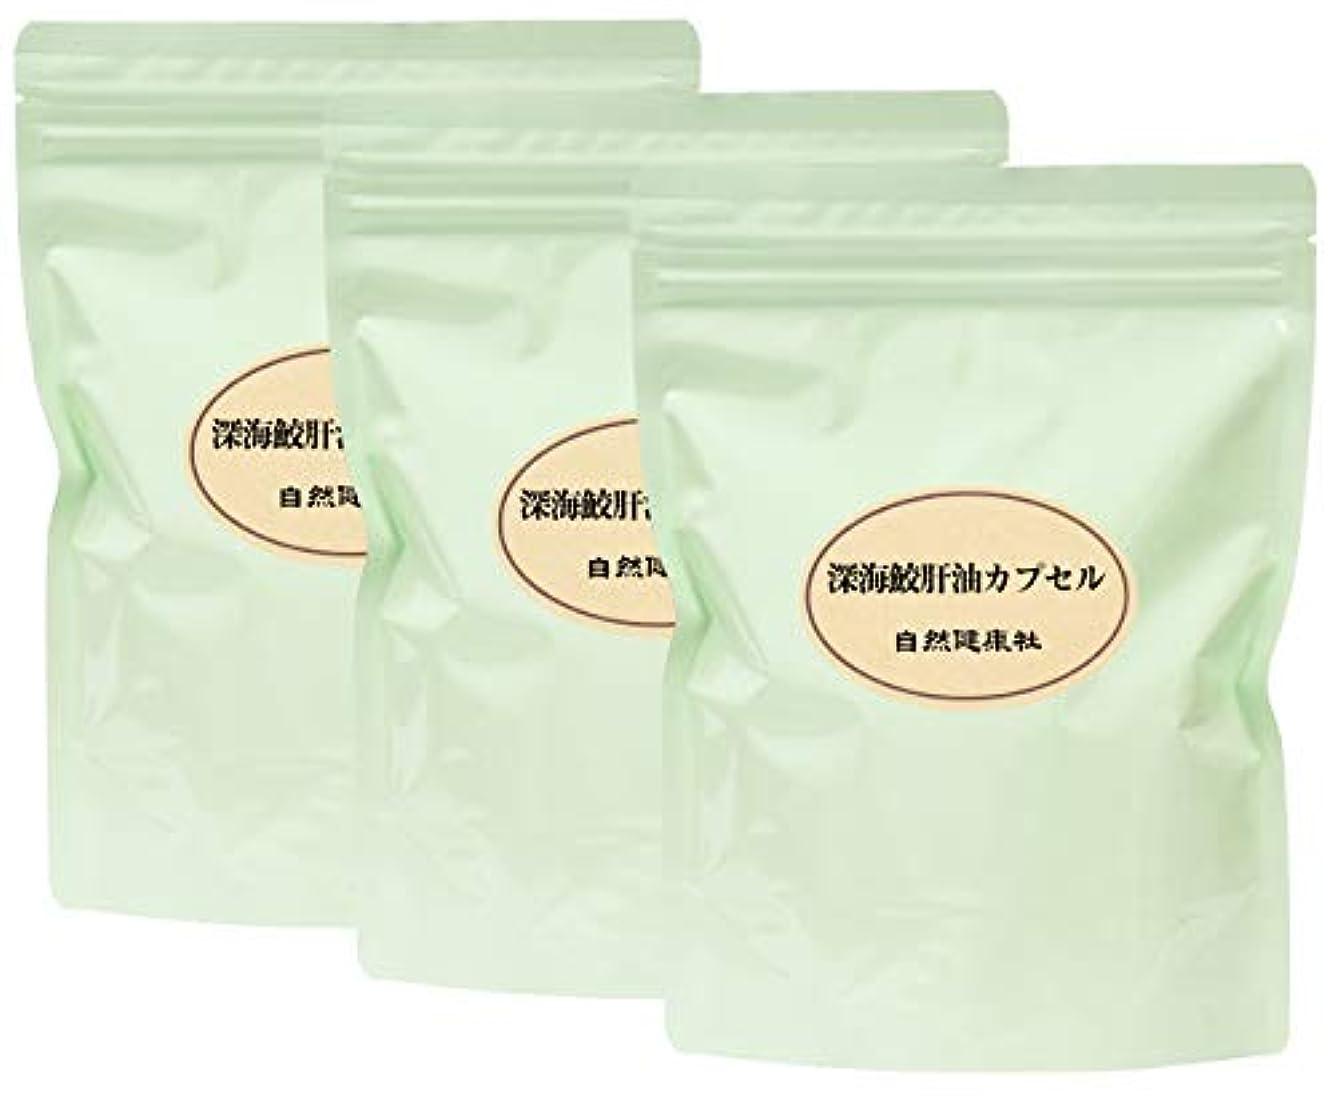 り補体逆さまに自然健康社 深海鮫肝油カプセル・徳用 300g×3個(750粒×3個) チャック付きアルミ袋入り